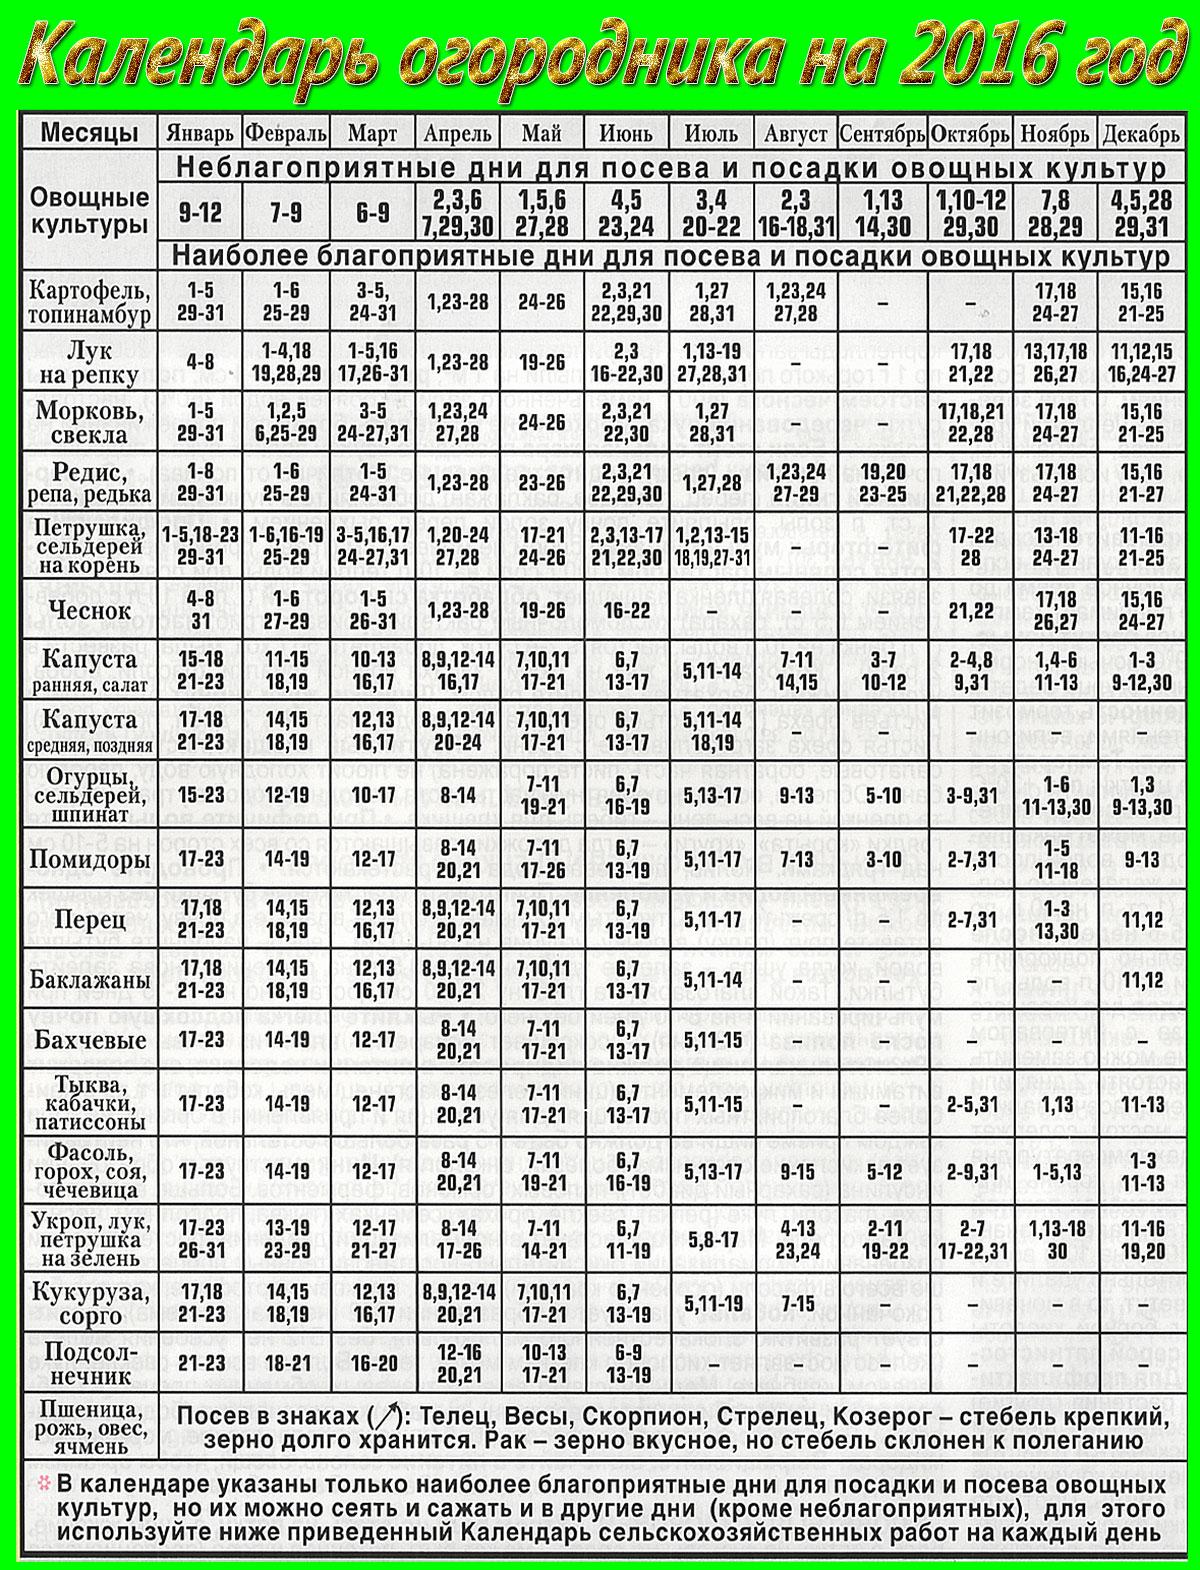 Посевной календарь огородника на 2016 год